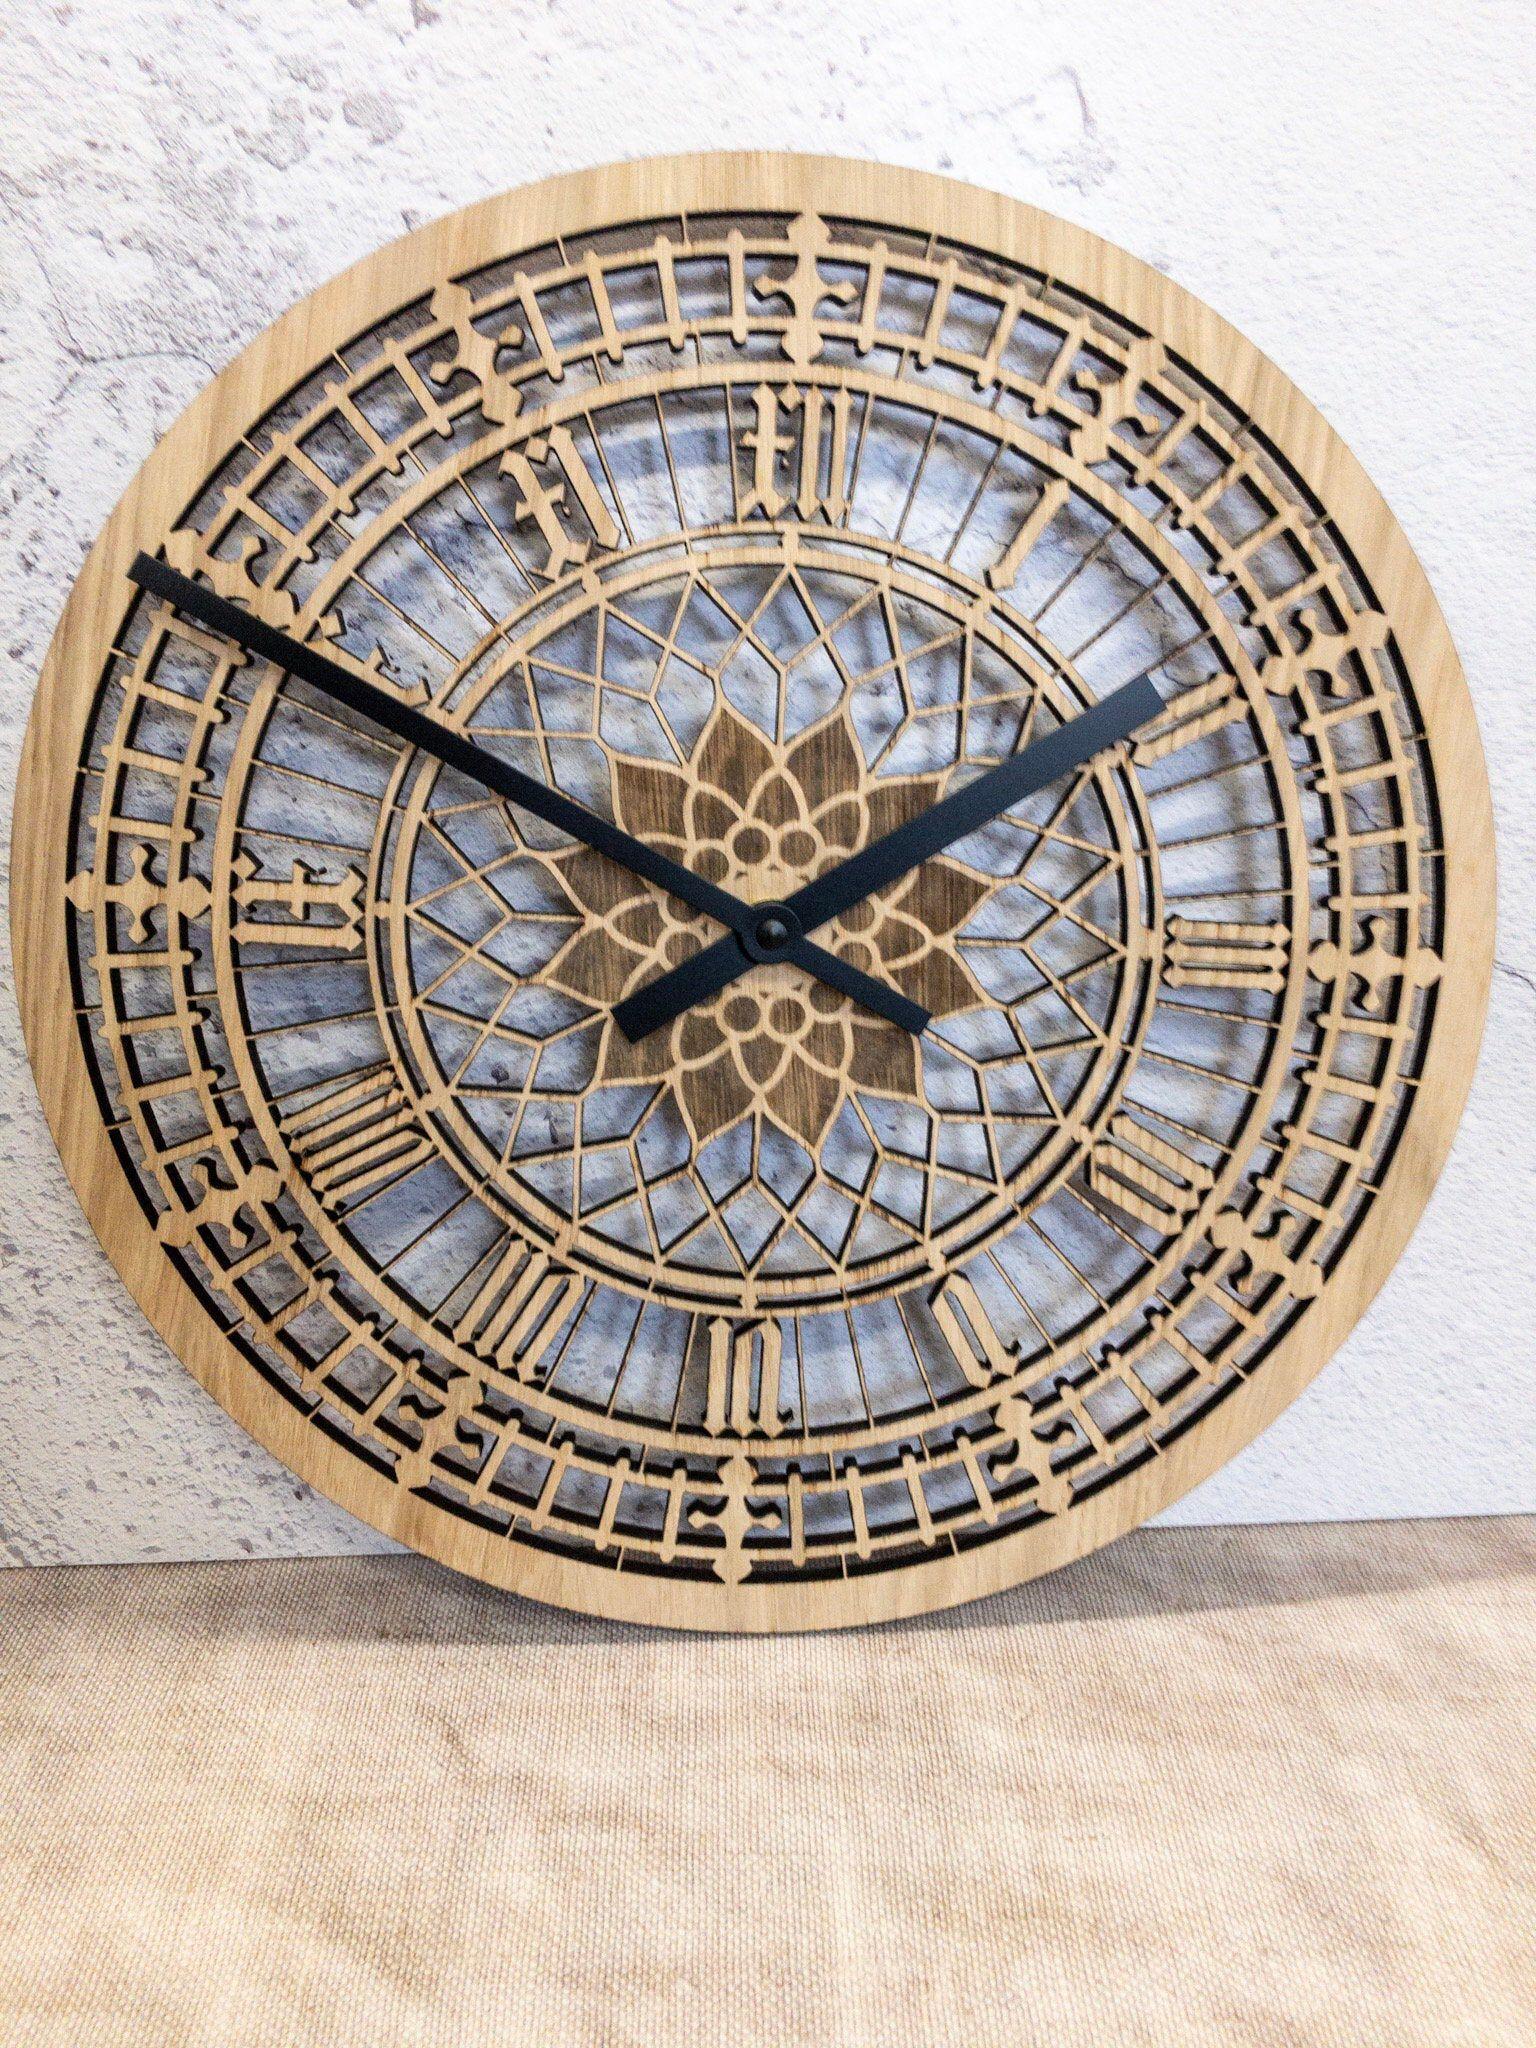 Big Ben Clock Real Oak Face Modern Wall Clock Etsy In 2020 Big Ben Clock Contemporary Wall Clock Wall Clock Modern